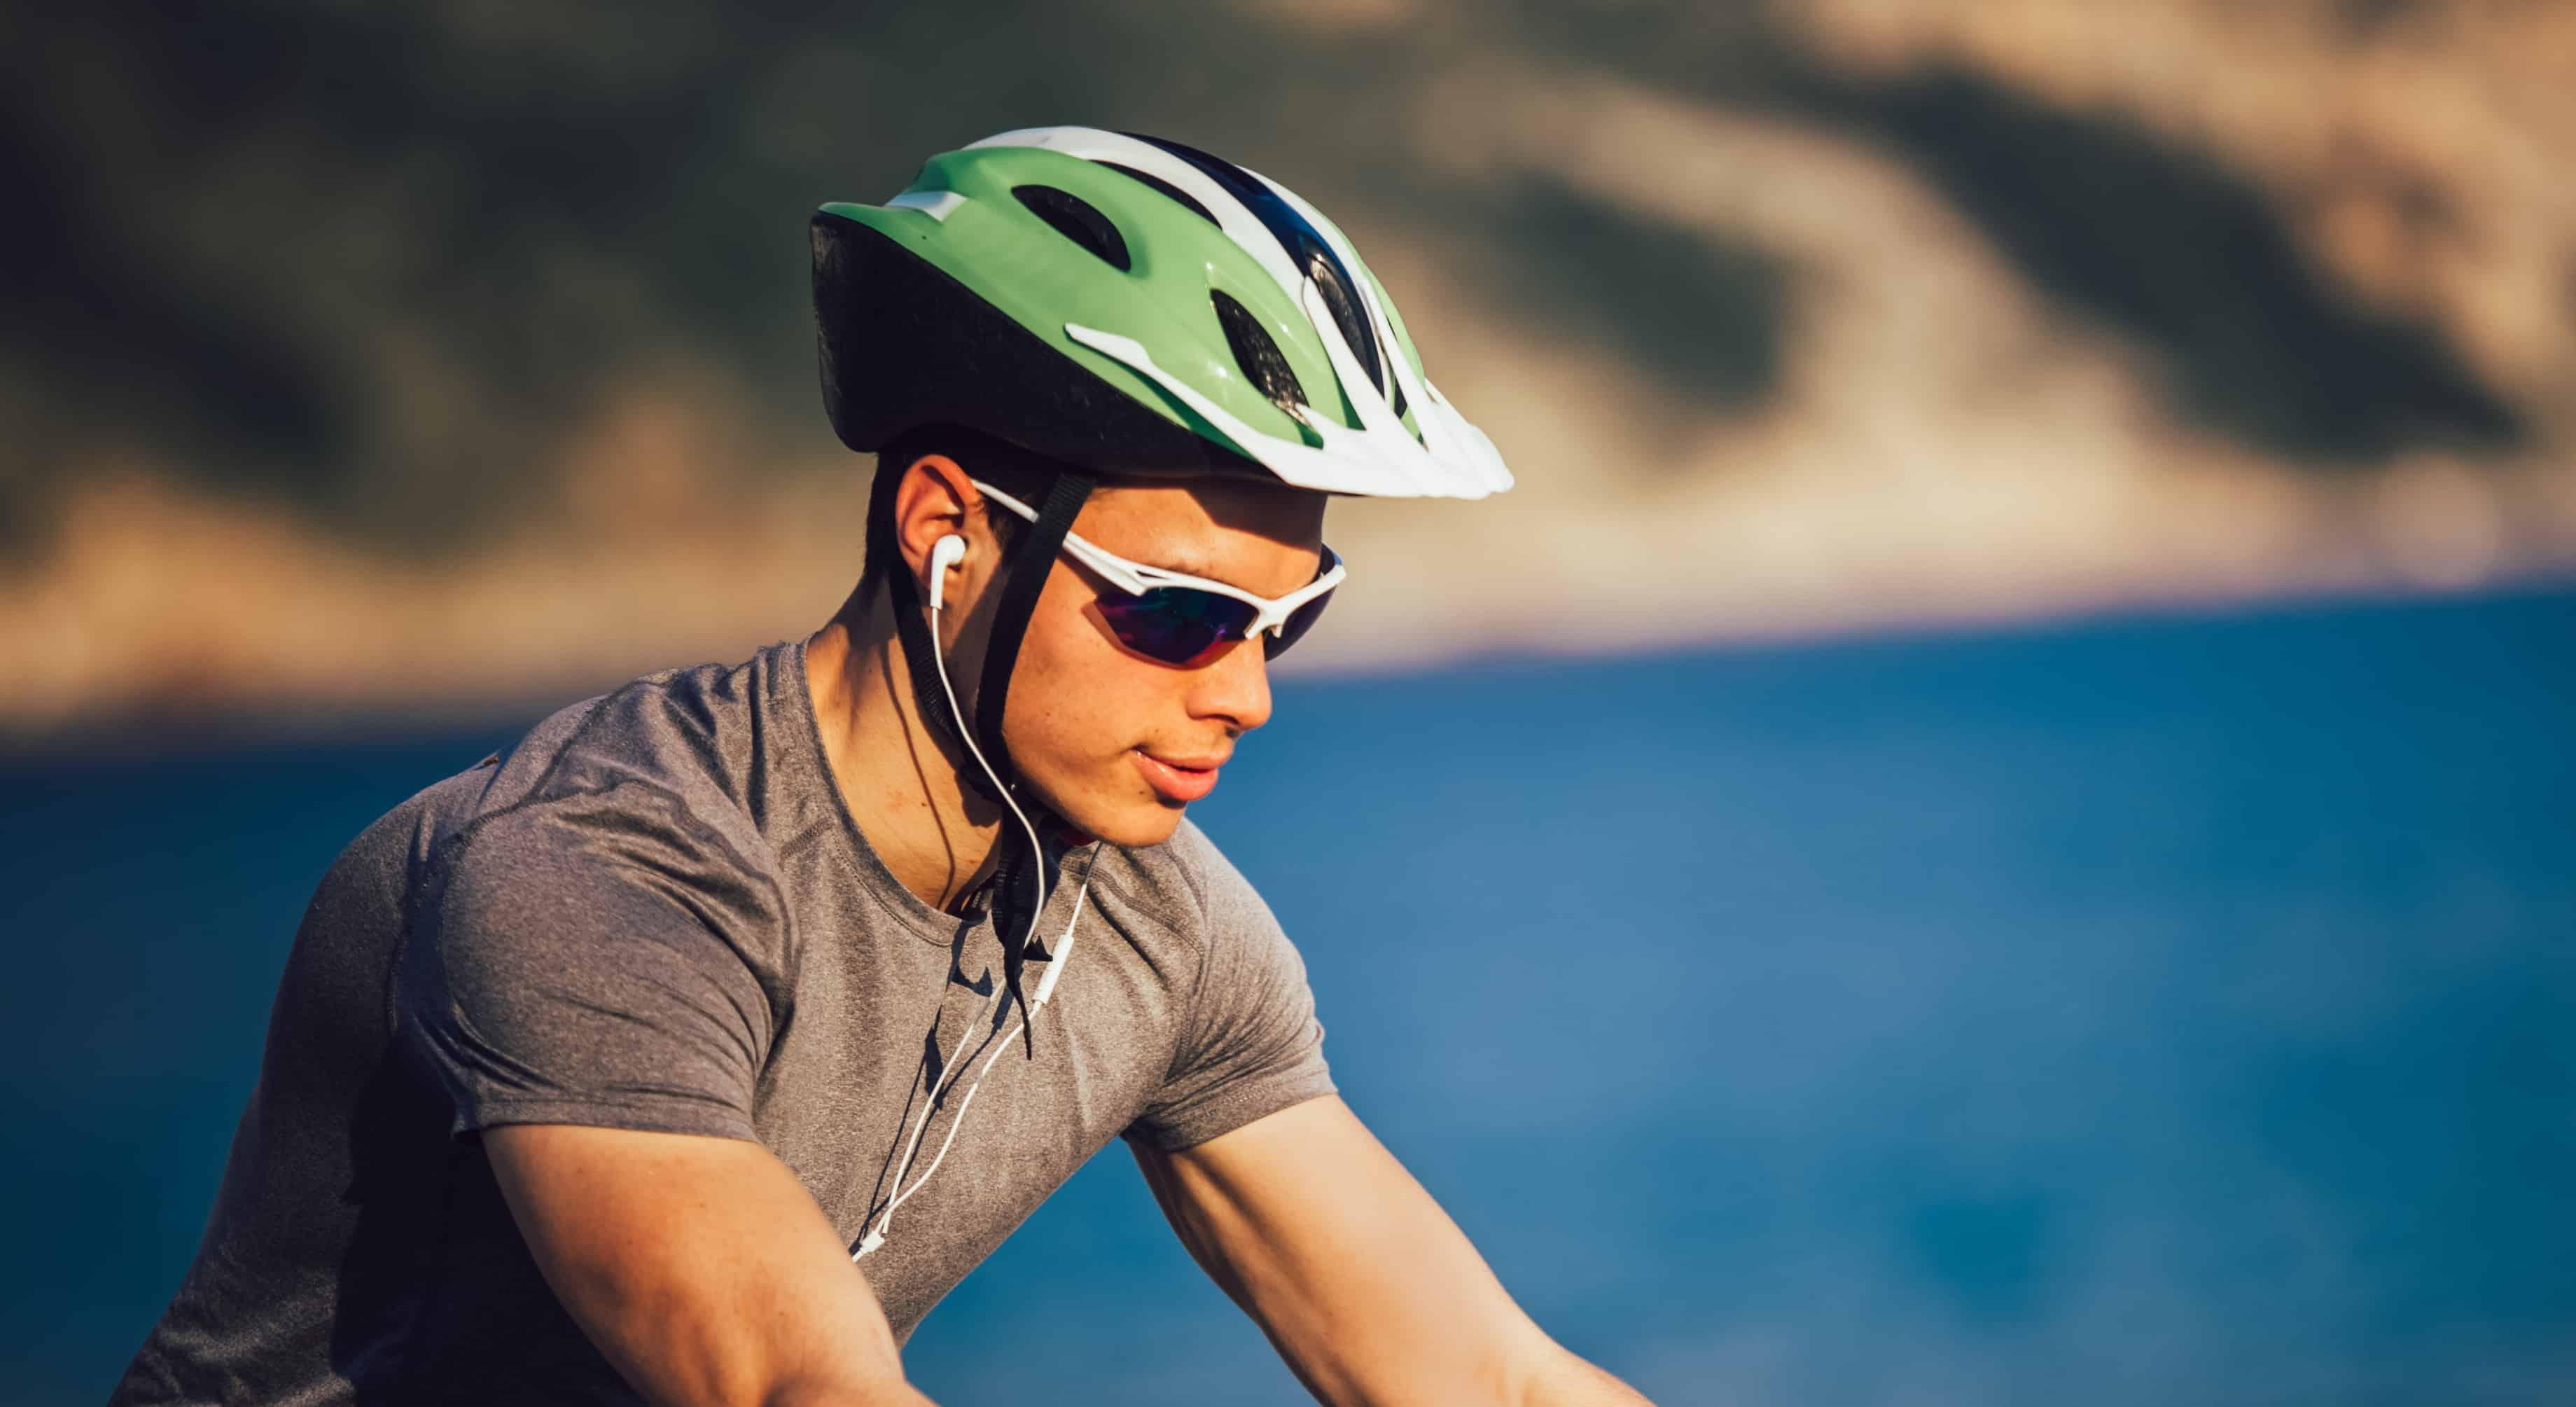 Ciclista con casco para bicicleta verde